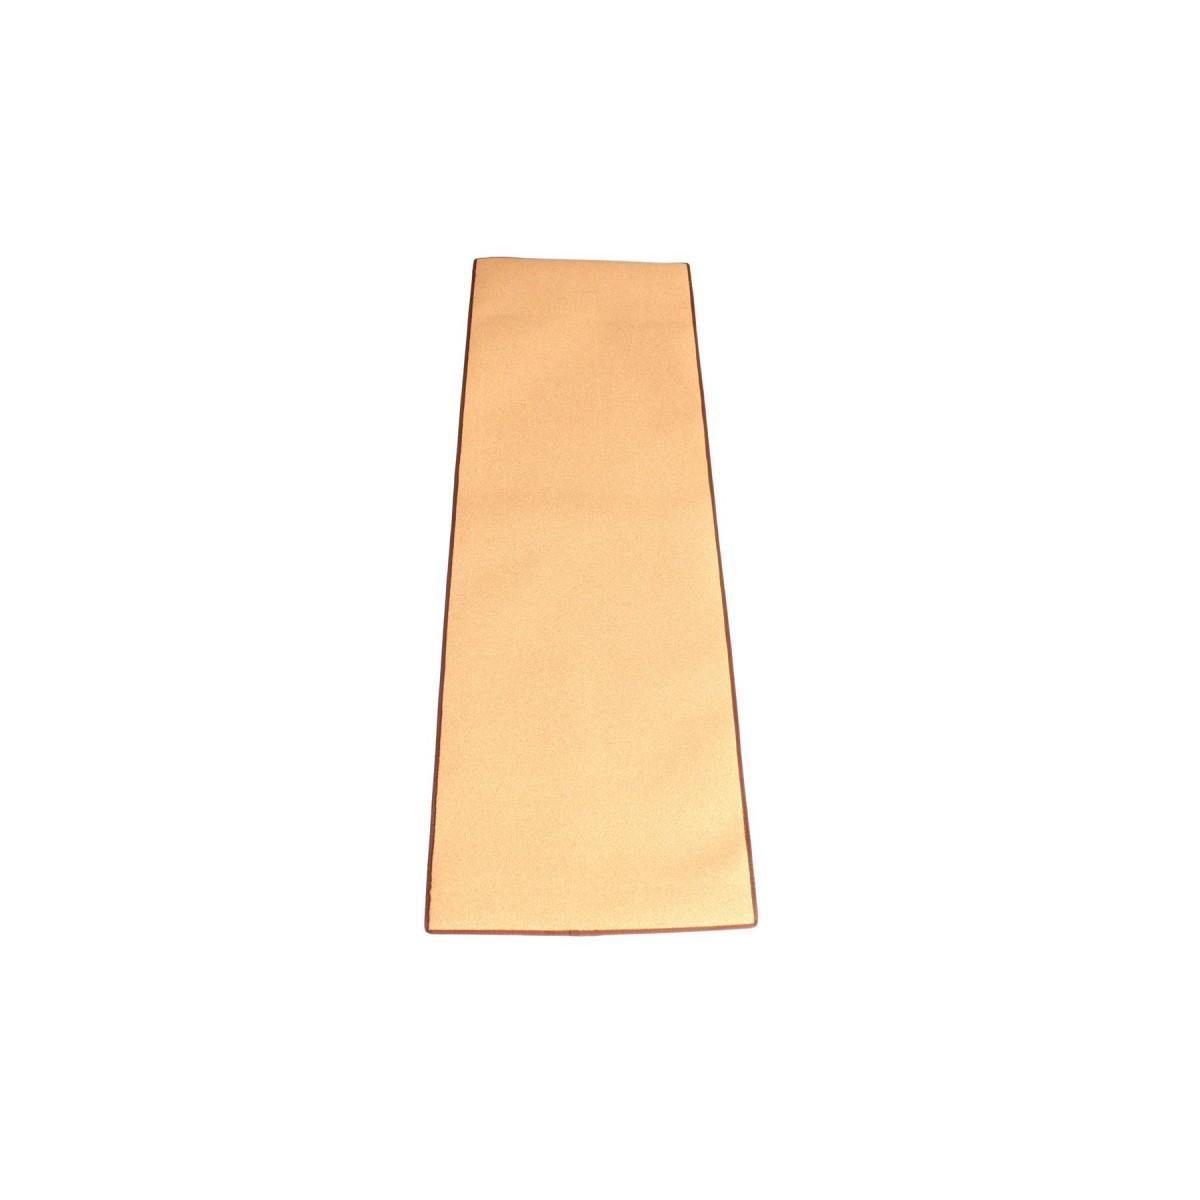 rollholz - Korkmatte für Yoga / Fitness & Entspannung geeignet